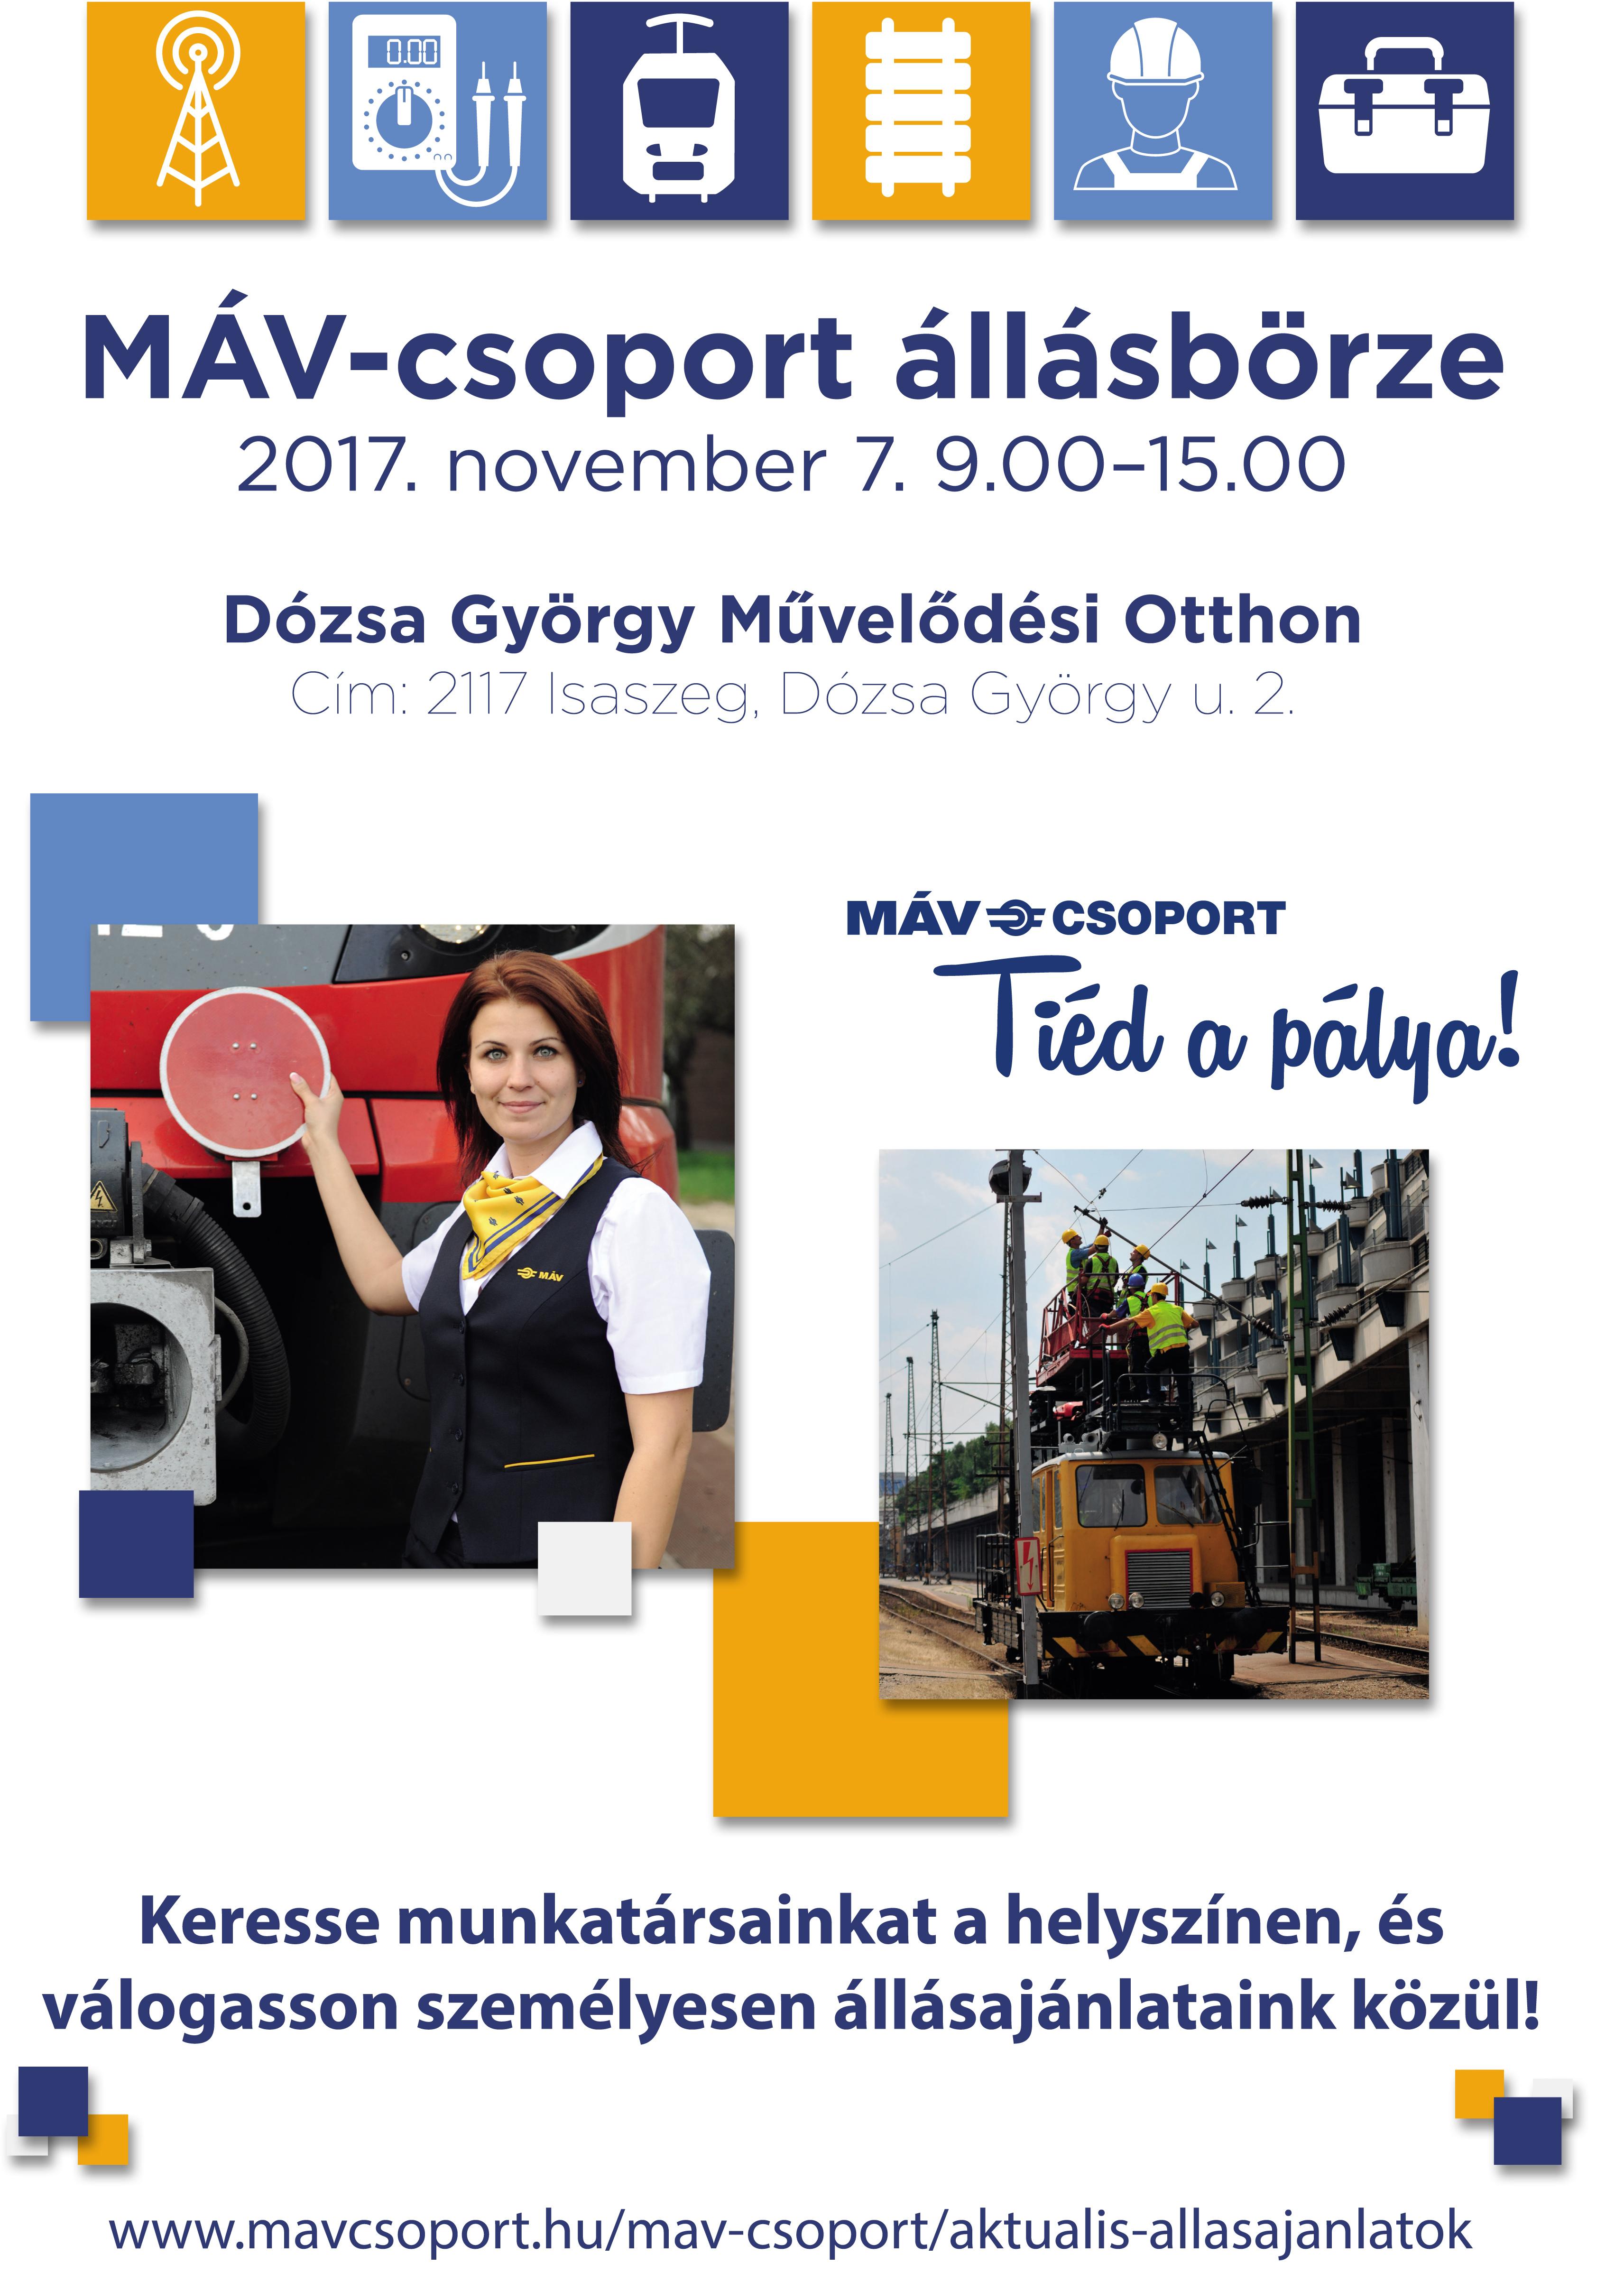 MÁV-csoport állásbörze